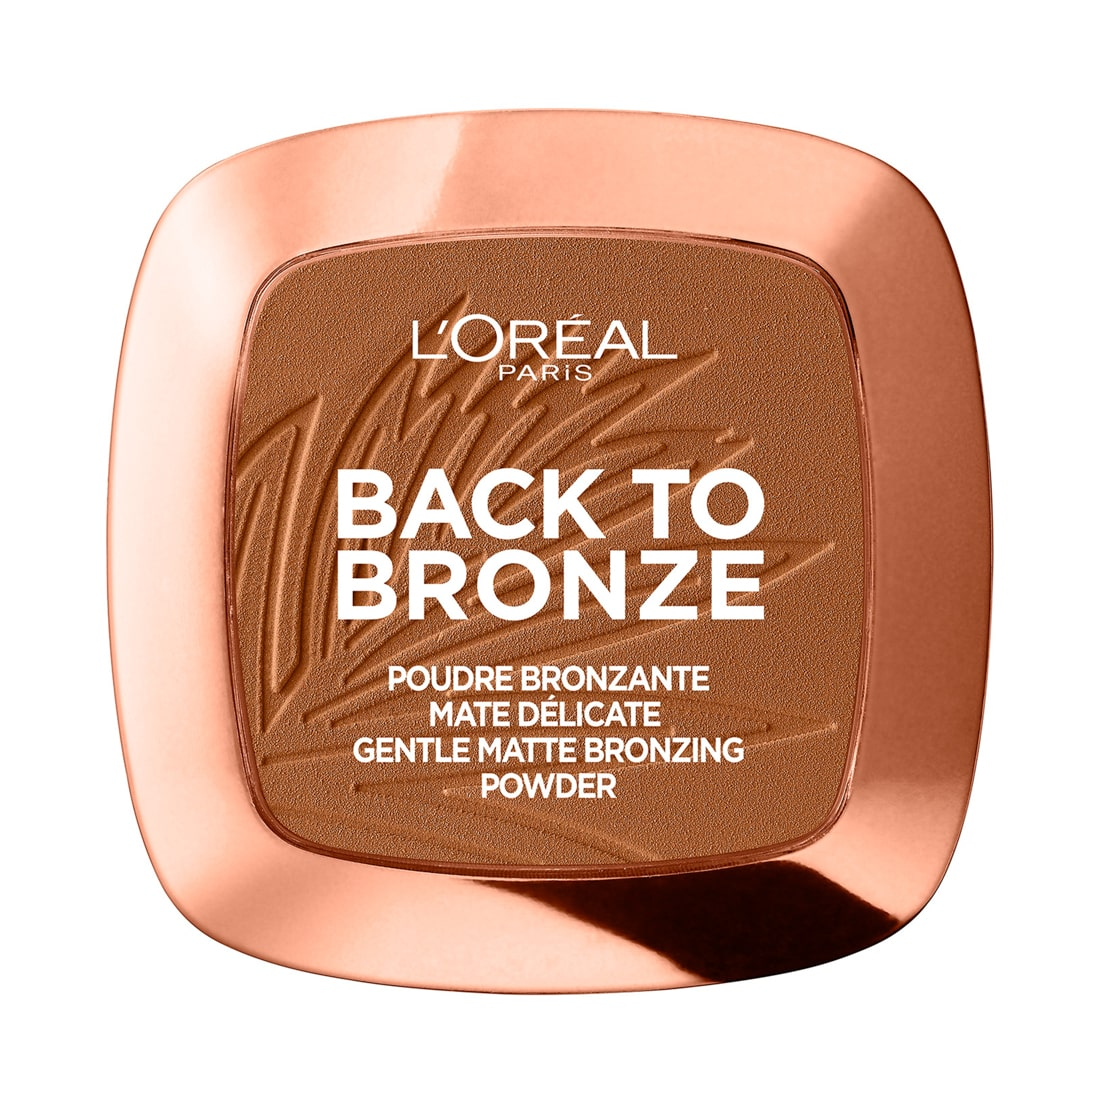 Back to Bronze Matte Bronzing Powder 10gr